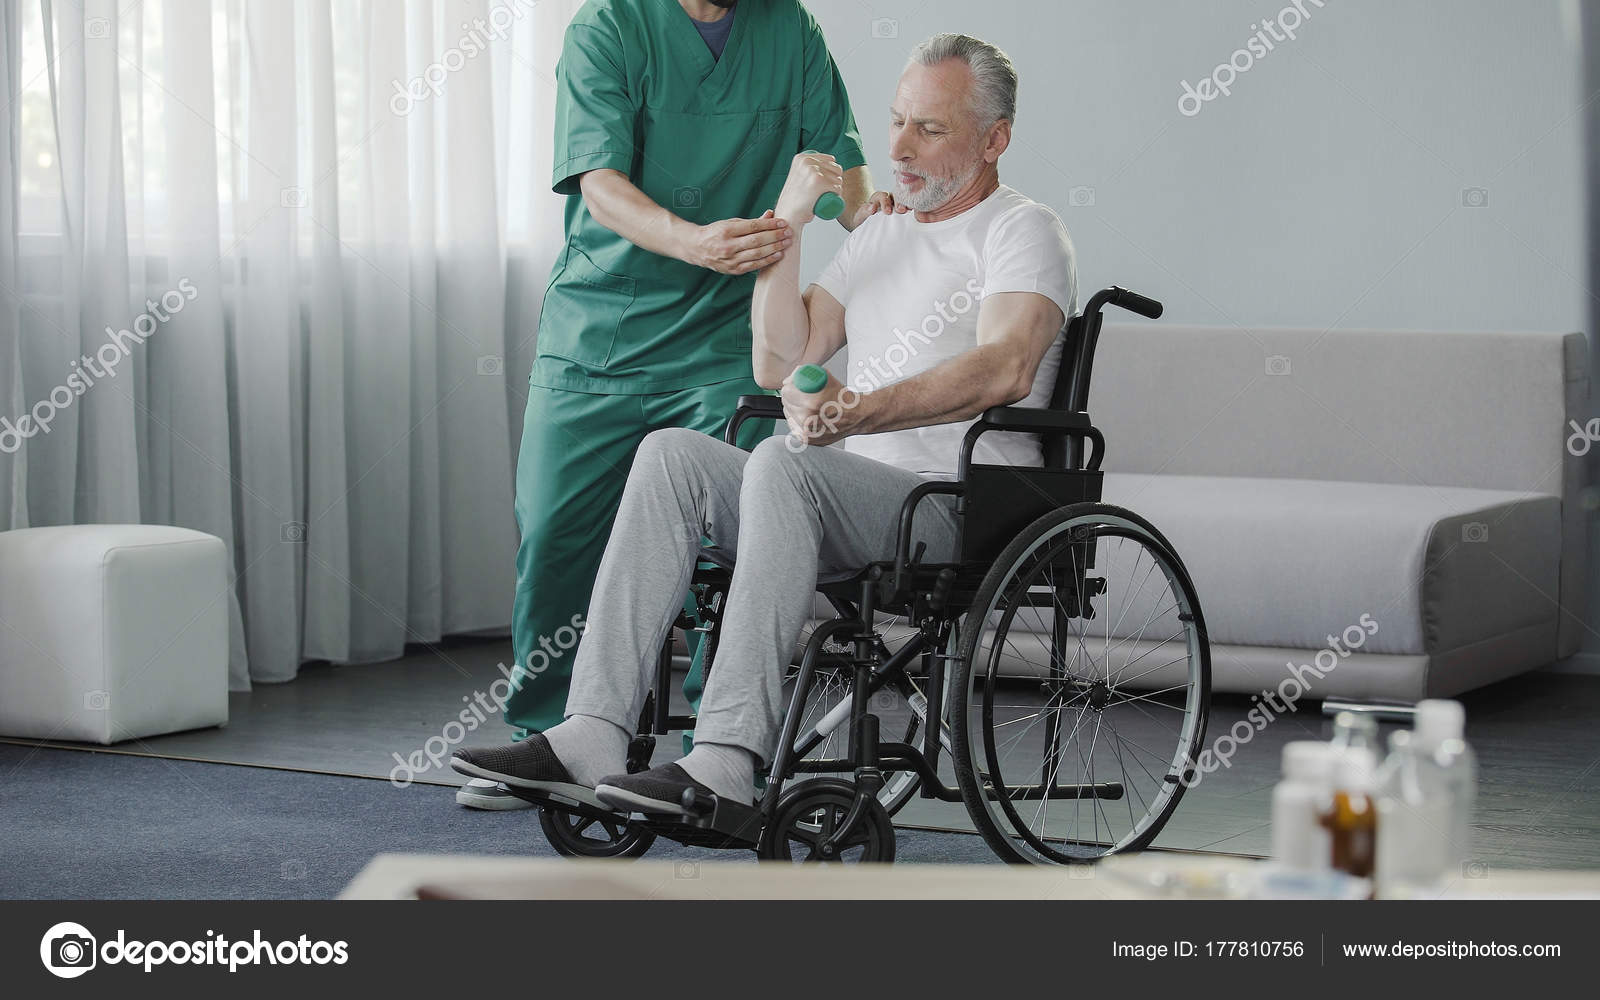 PesasSentado De Levantando Senior Ruedas Silla El En Hombre mwON0v8n